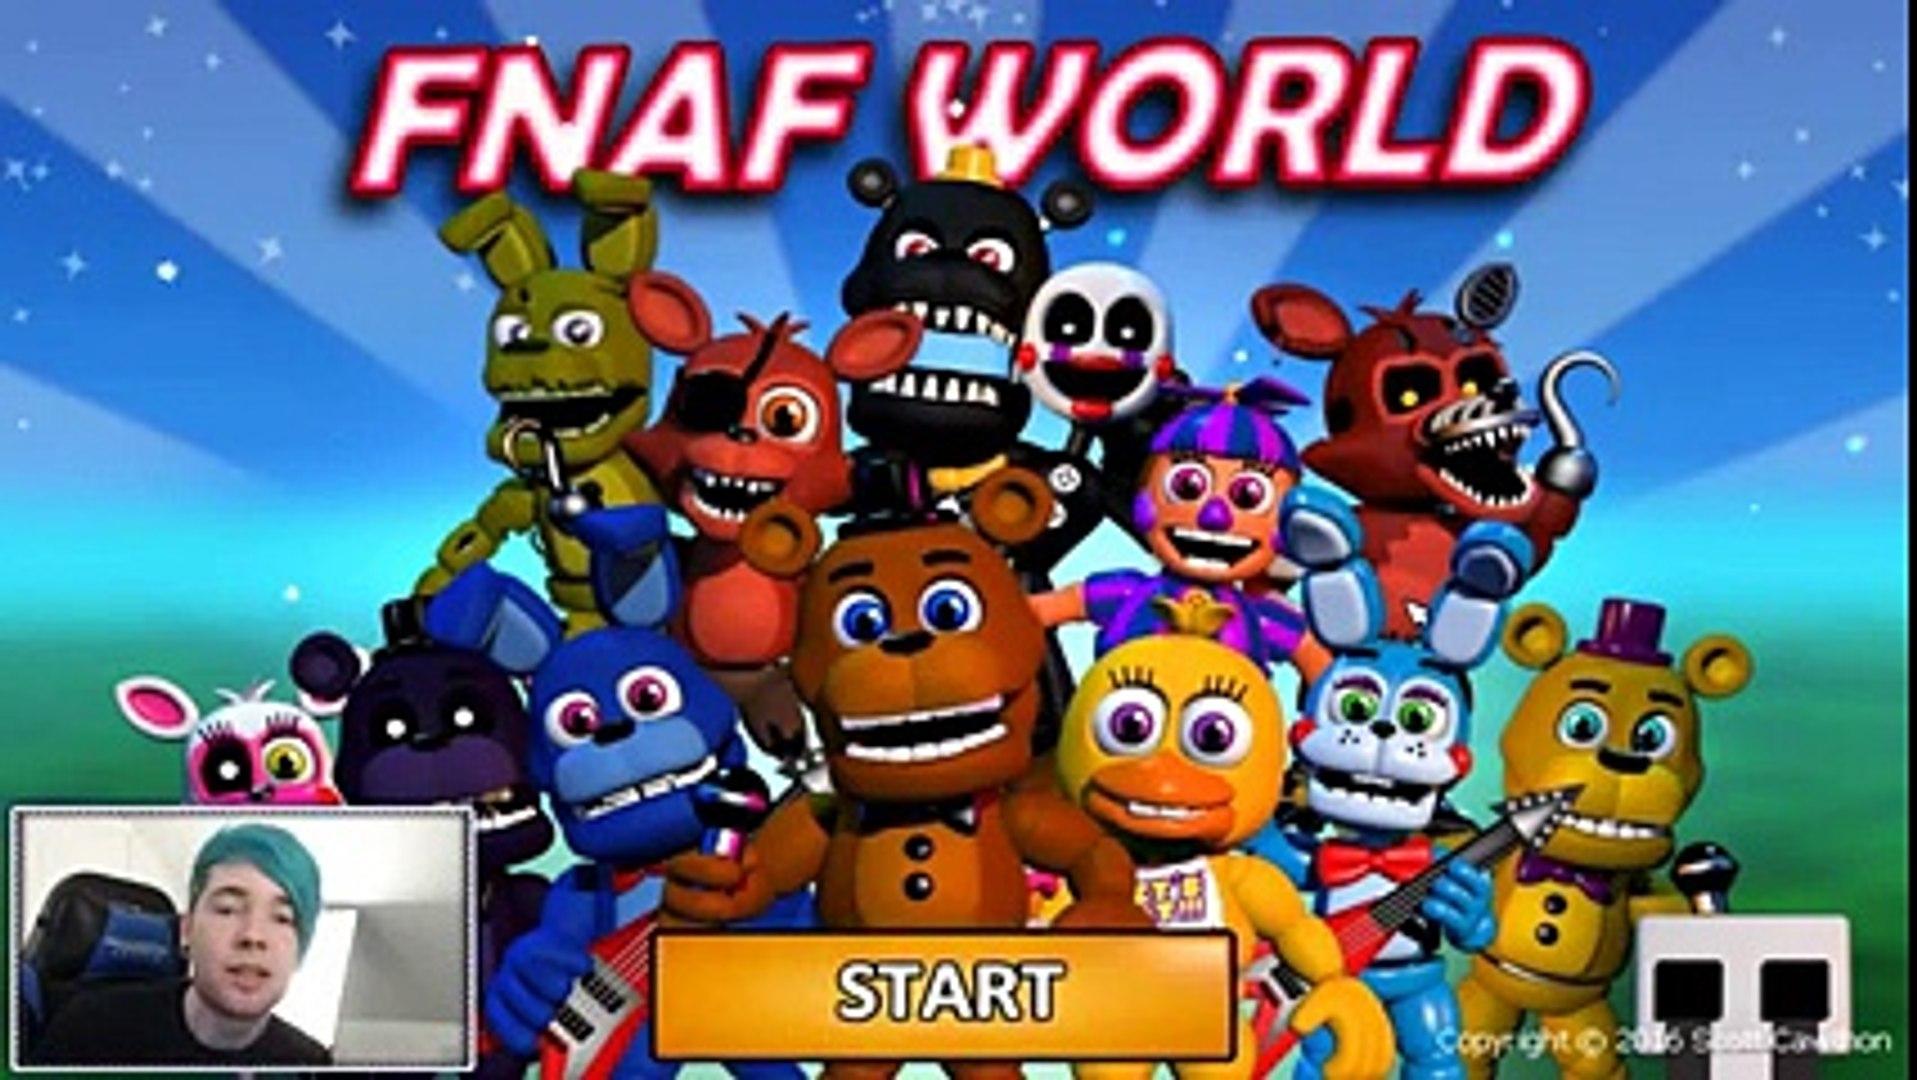 DanTDM FNAF World FIVE NIGHTS AT FREDDY'S CUTE EDITION!!